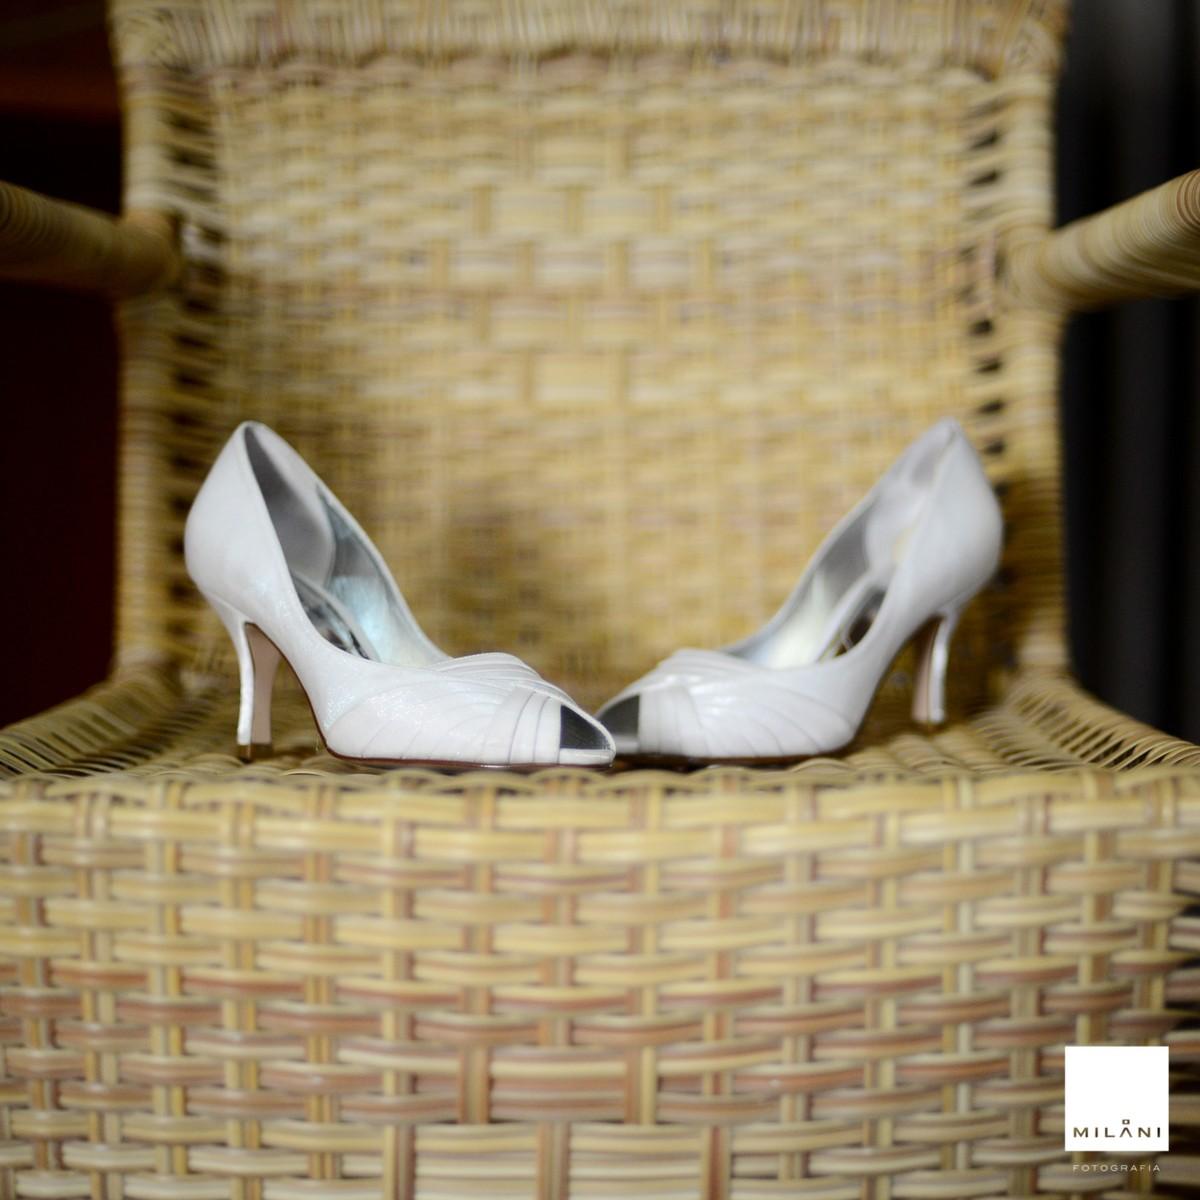 detalhe do sapato da noiva